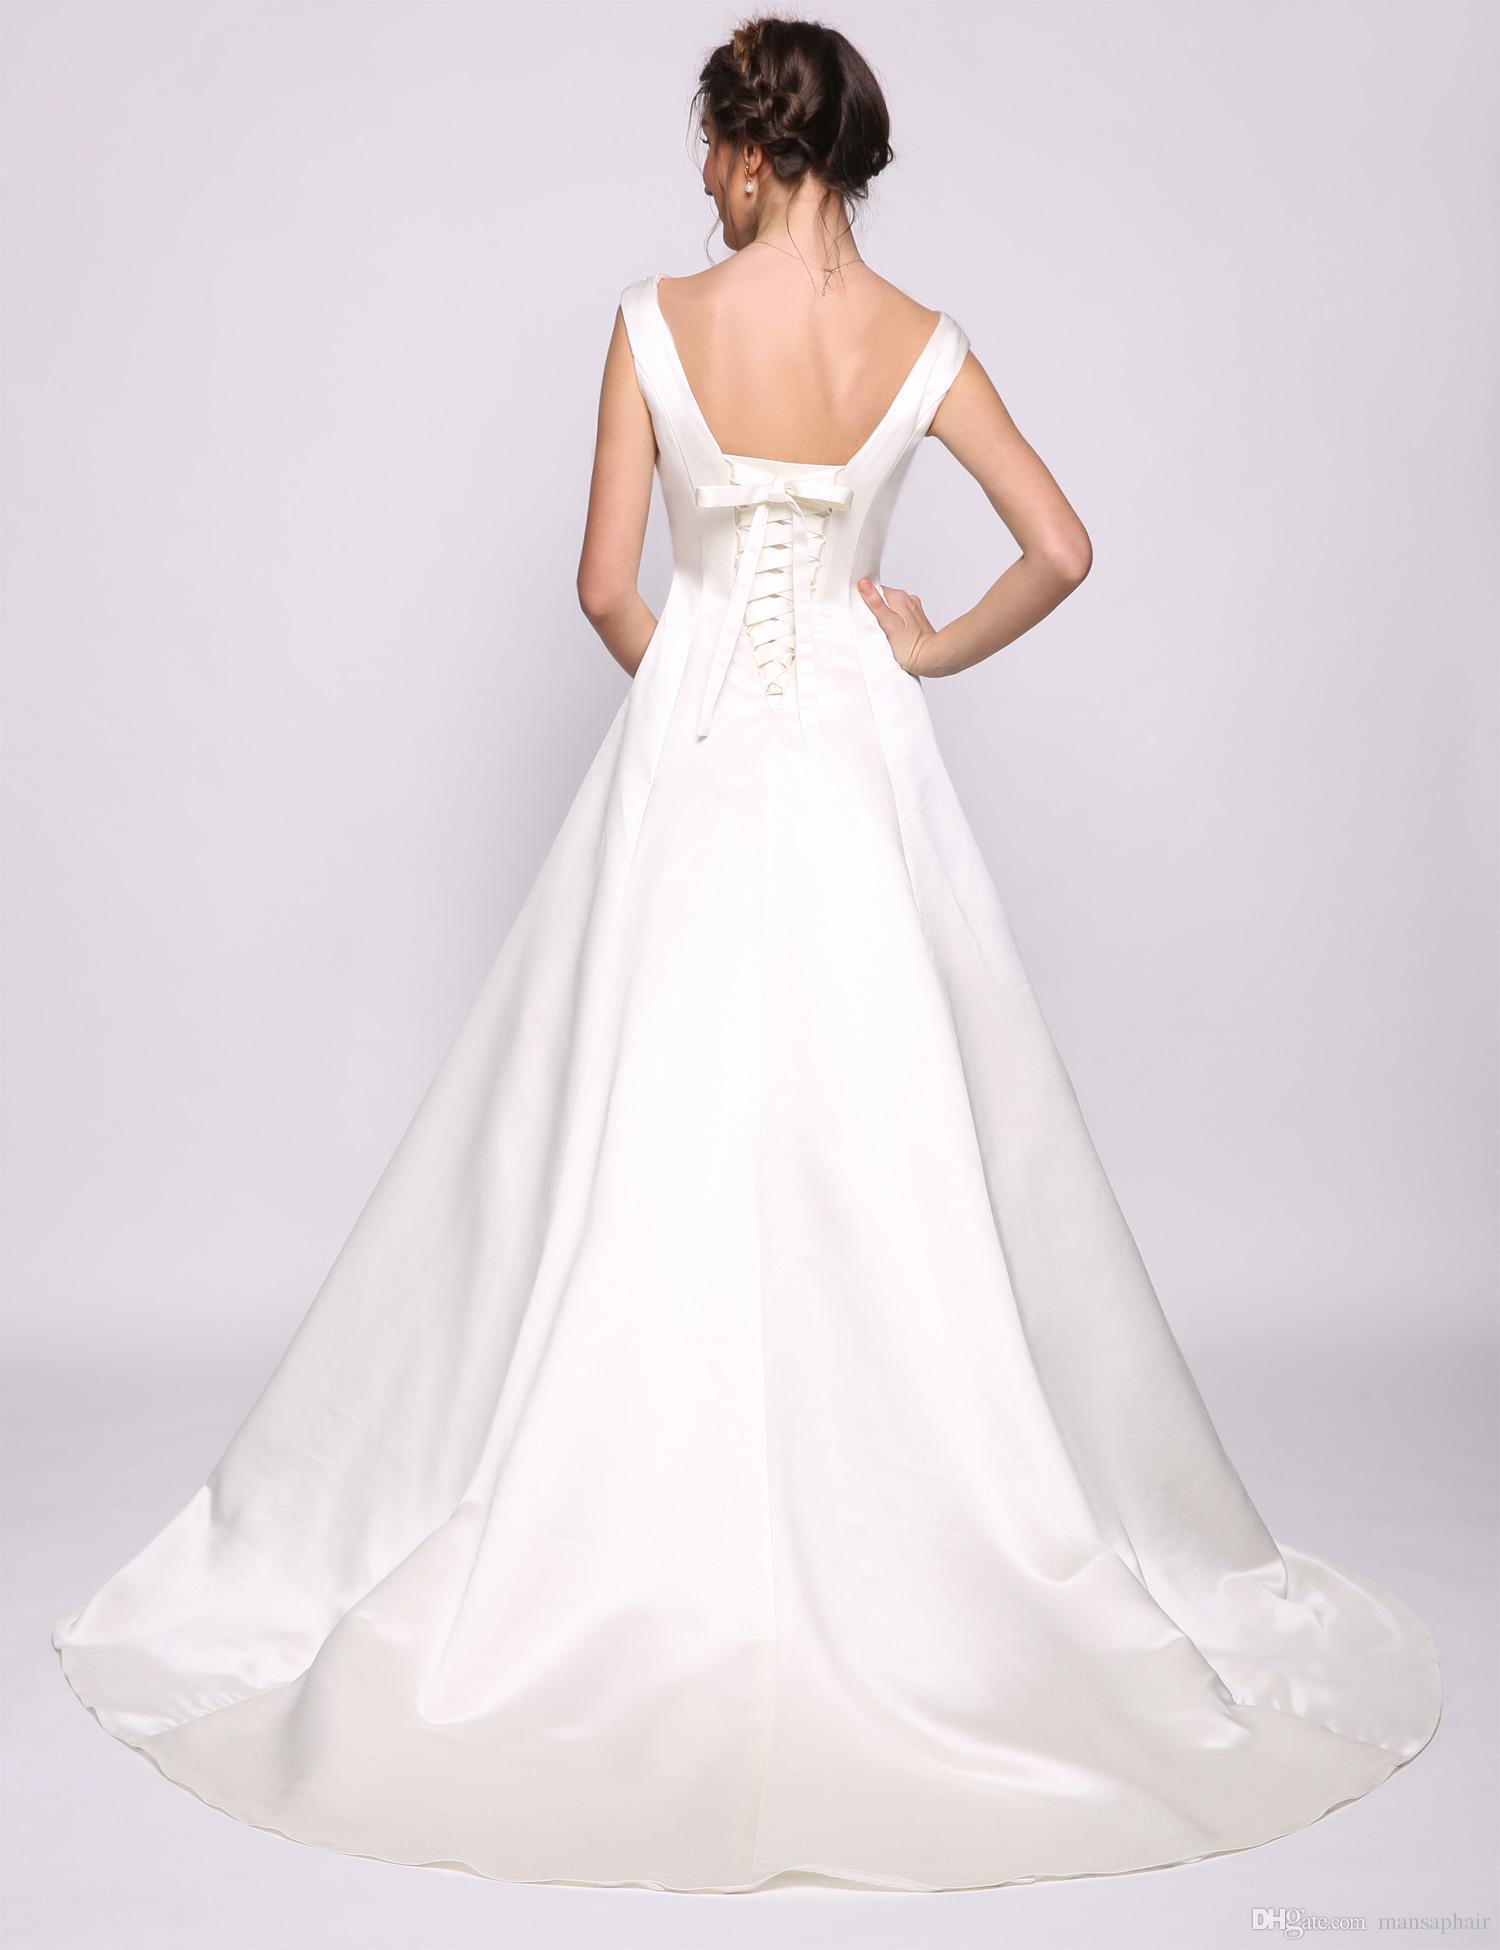 Plus Size Casual Brautkleider Günstige A Line Stain Hochzeitsgast Kleid Brautkleider Bodenlangen Lace-up Brautjungfer Kleid lang